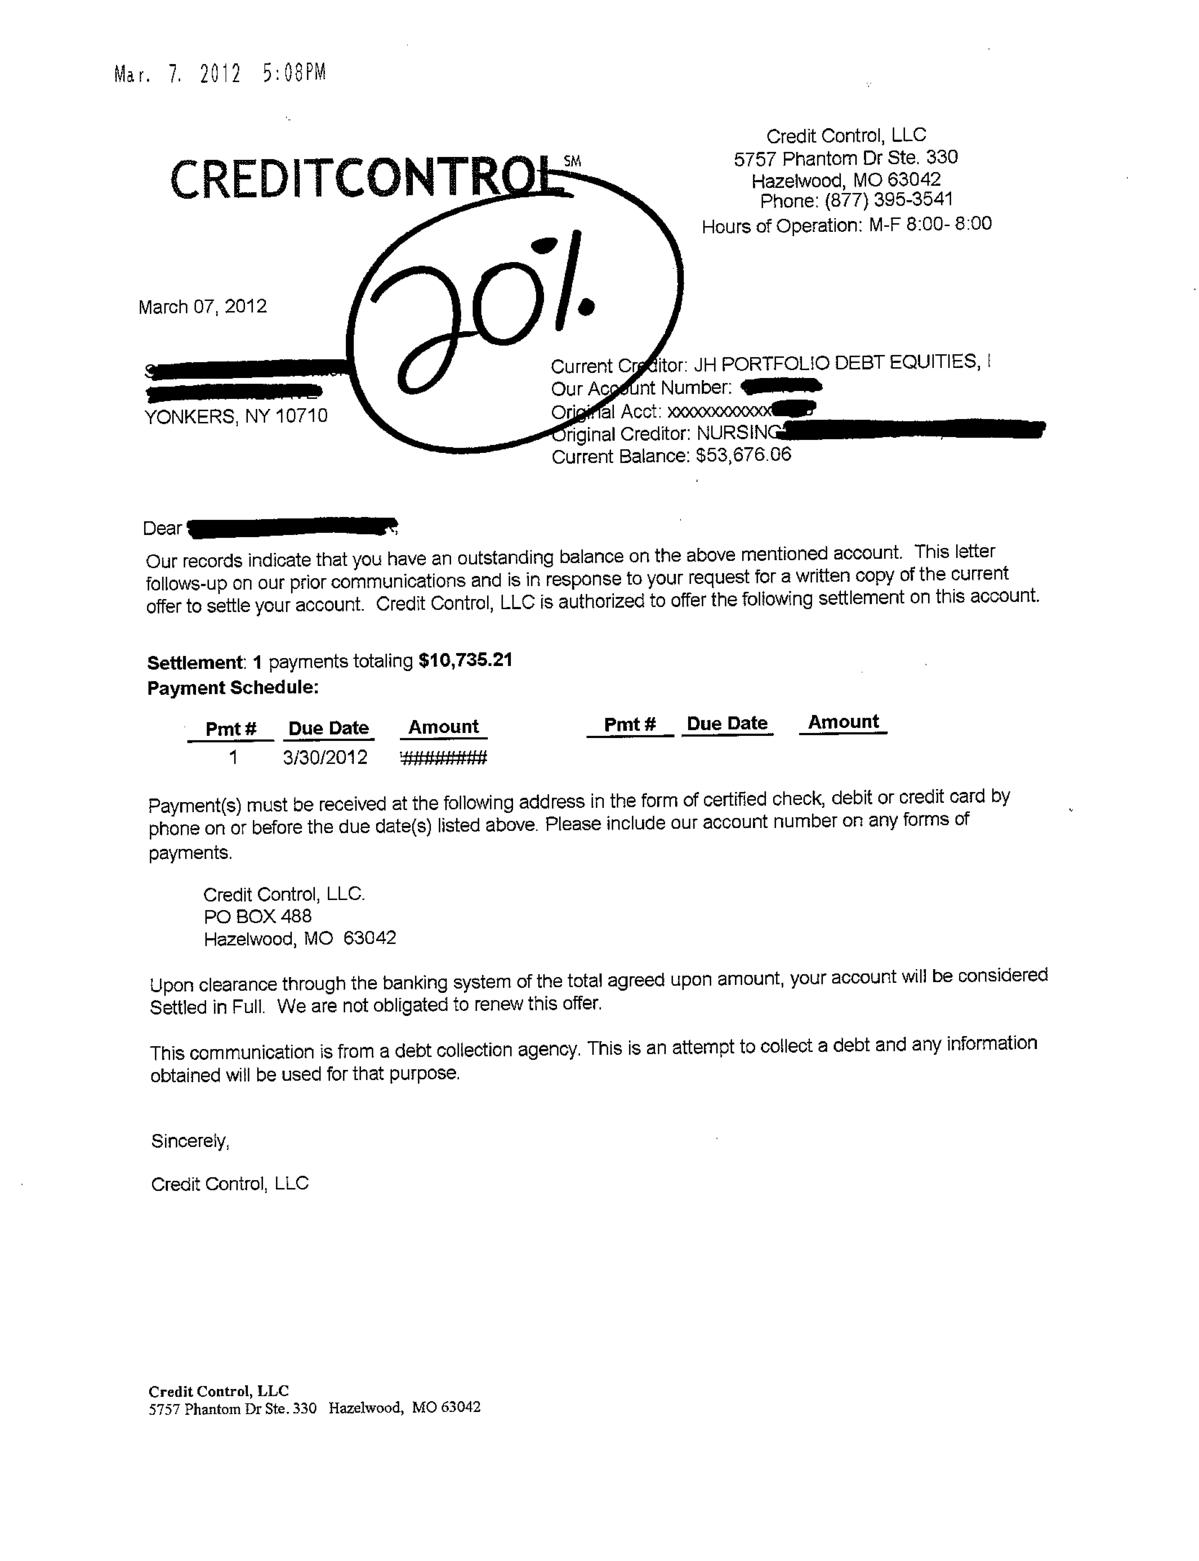 bill settlement letter format service resume bill settlement letter format employee full and final settlement letter hr letter formats images credit card